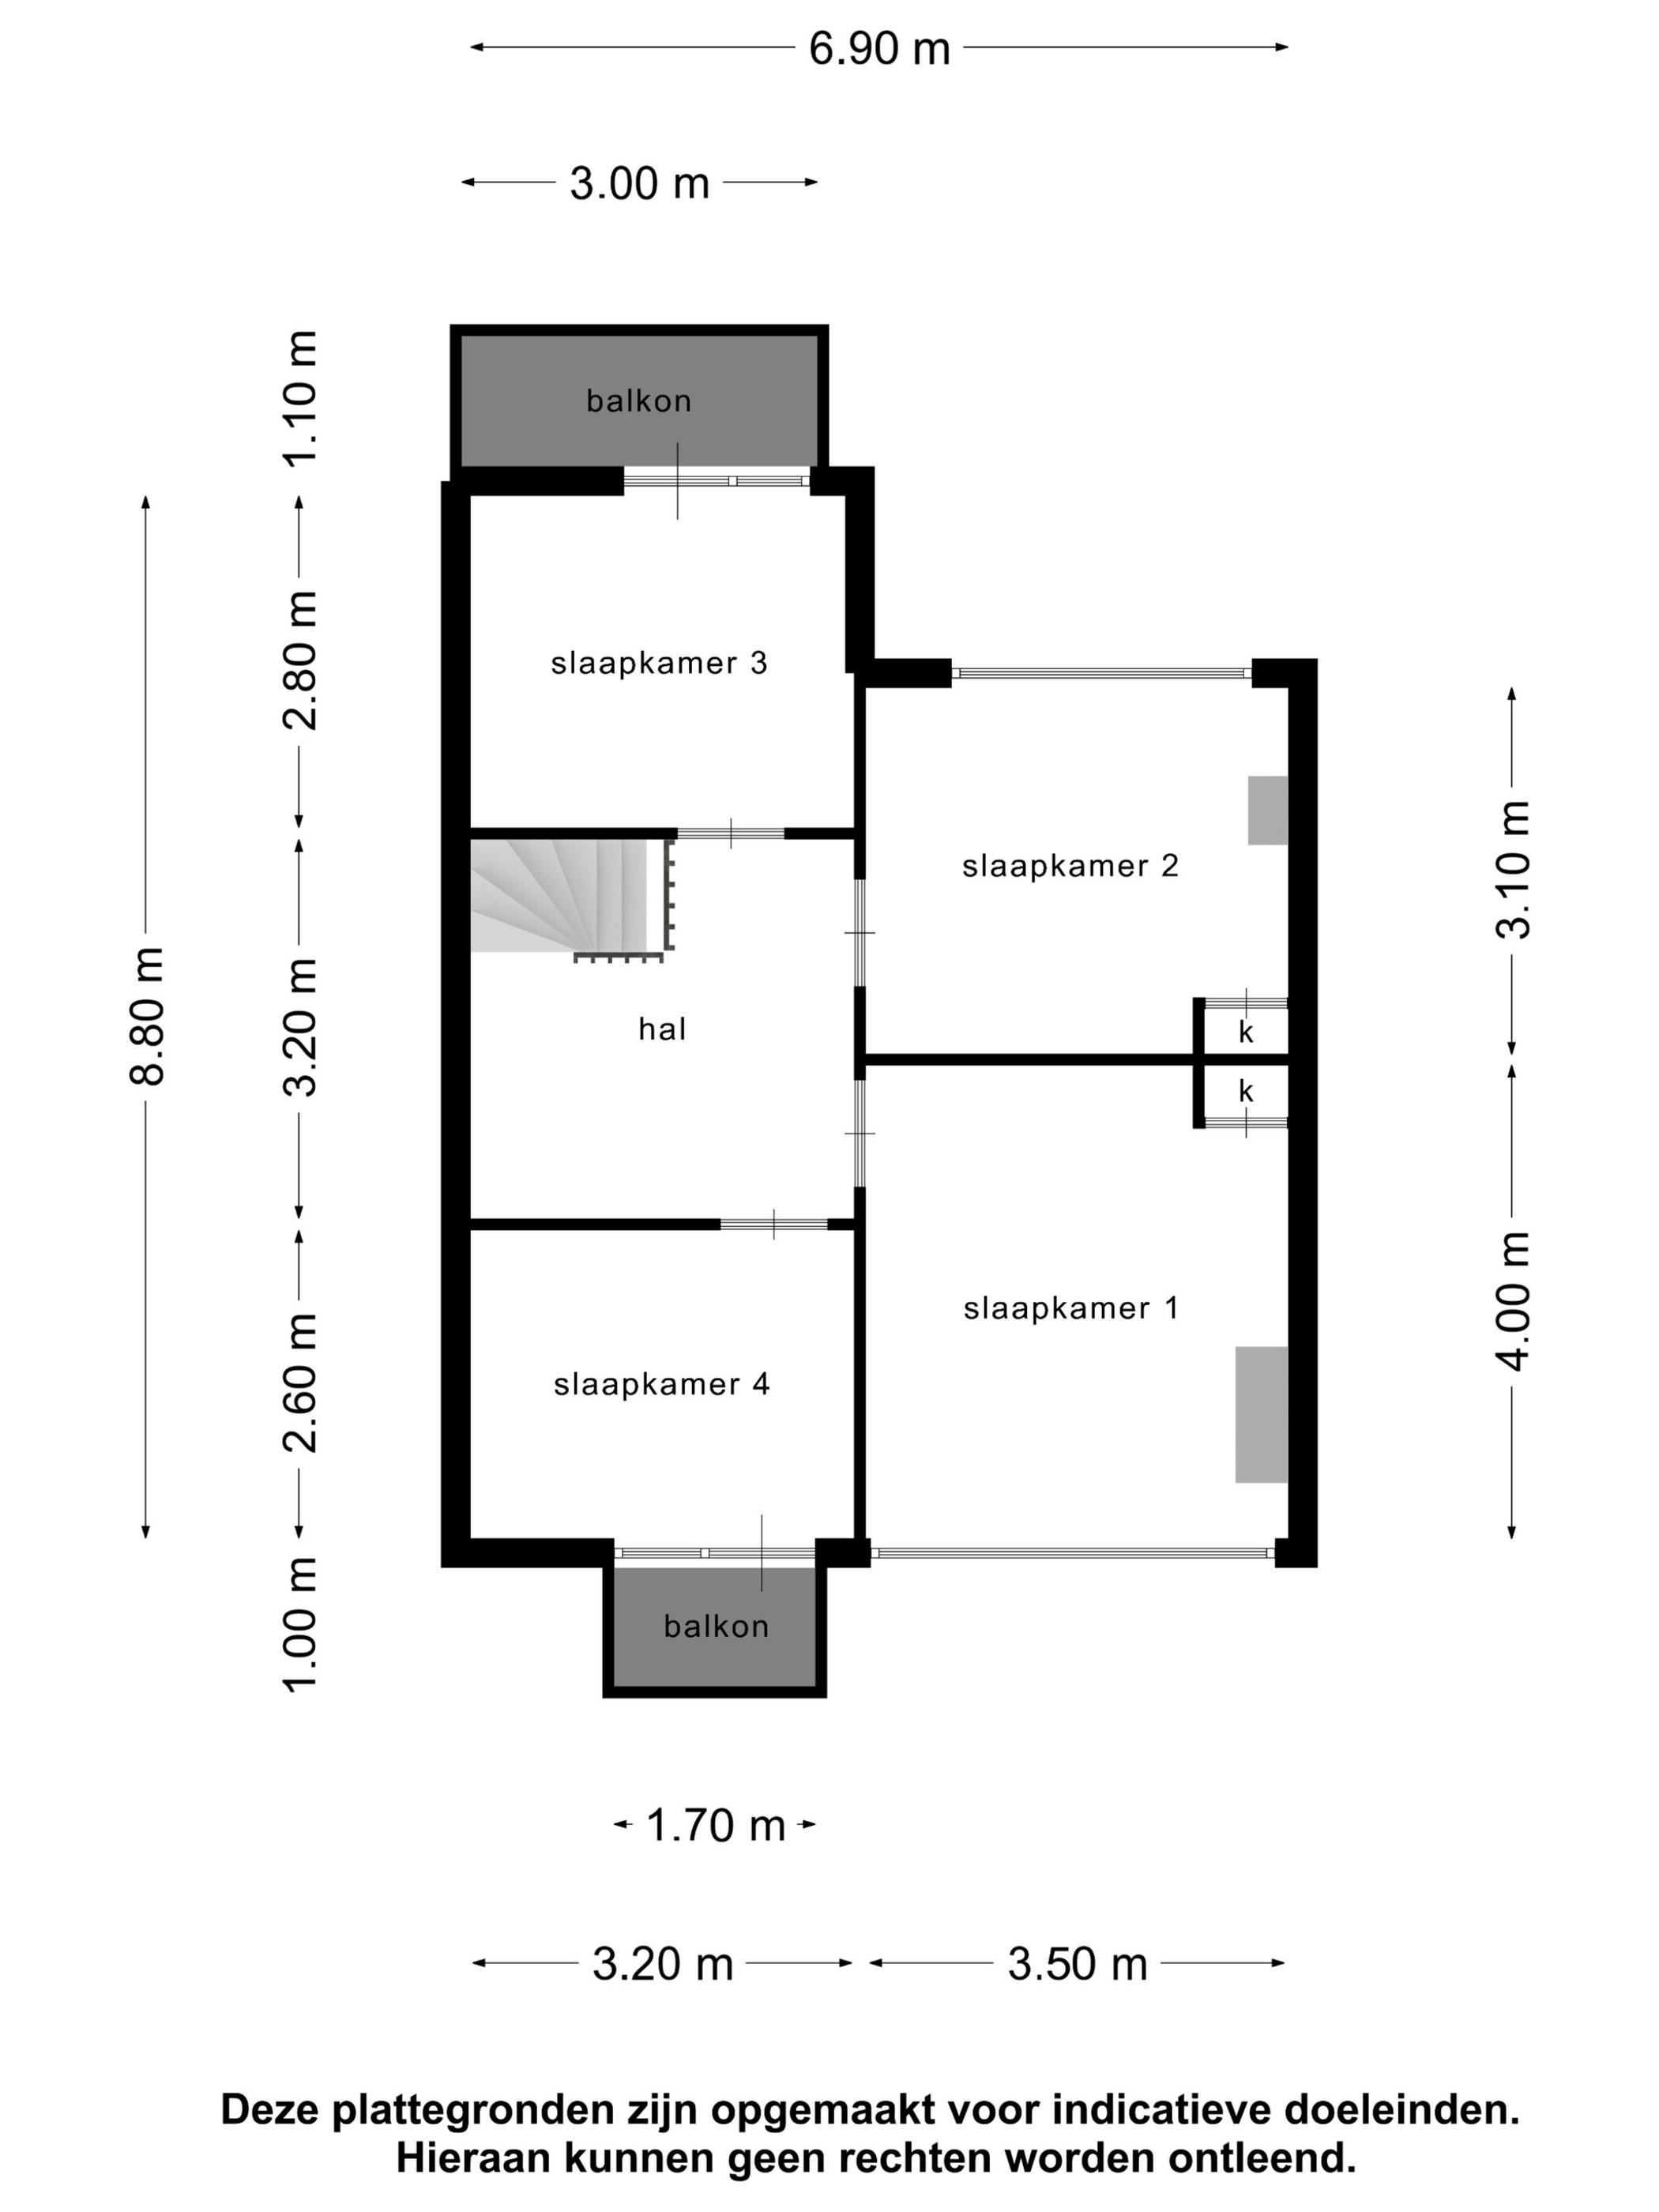 zwettekade-8-sneek-plattegrond-62